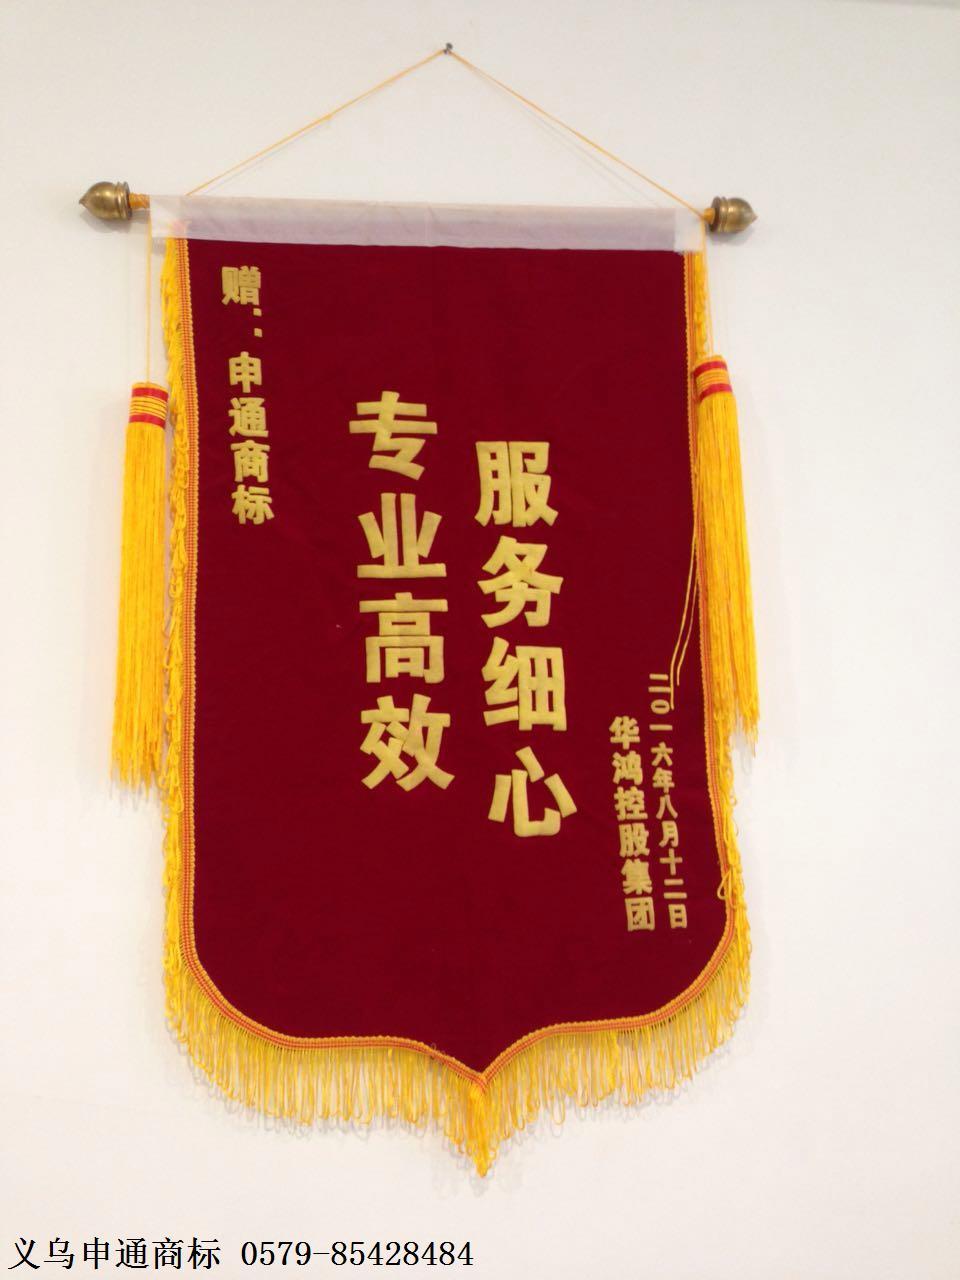 申通商标 锦旗